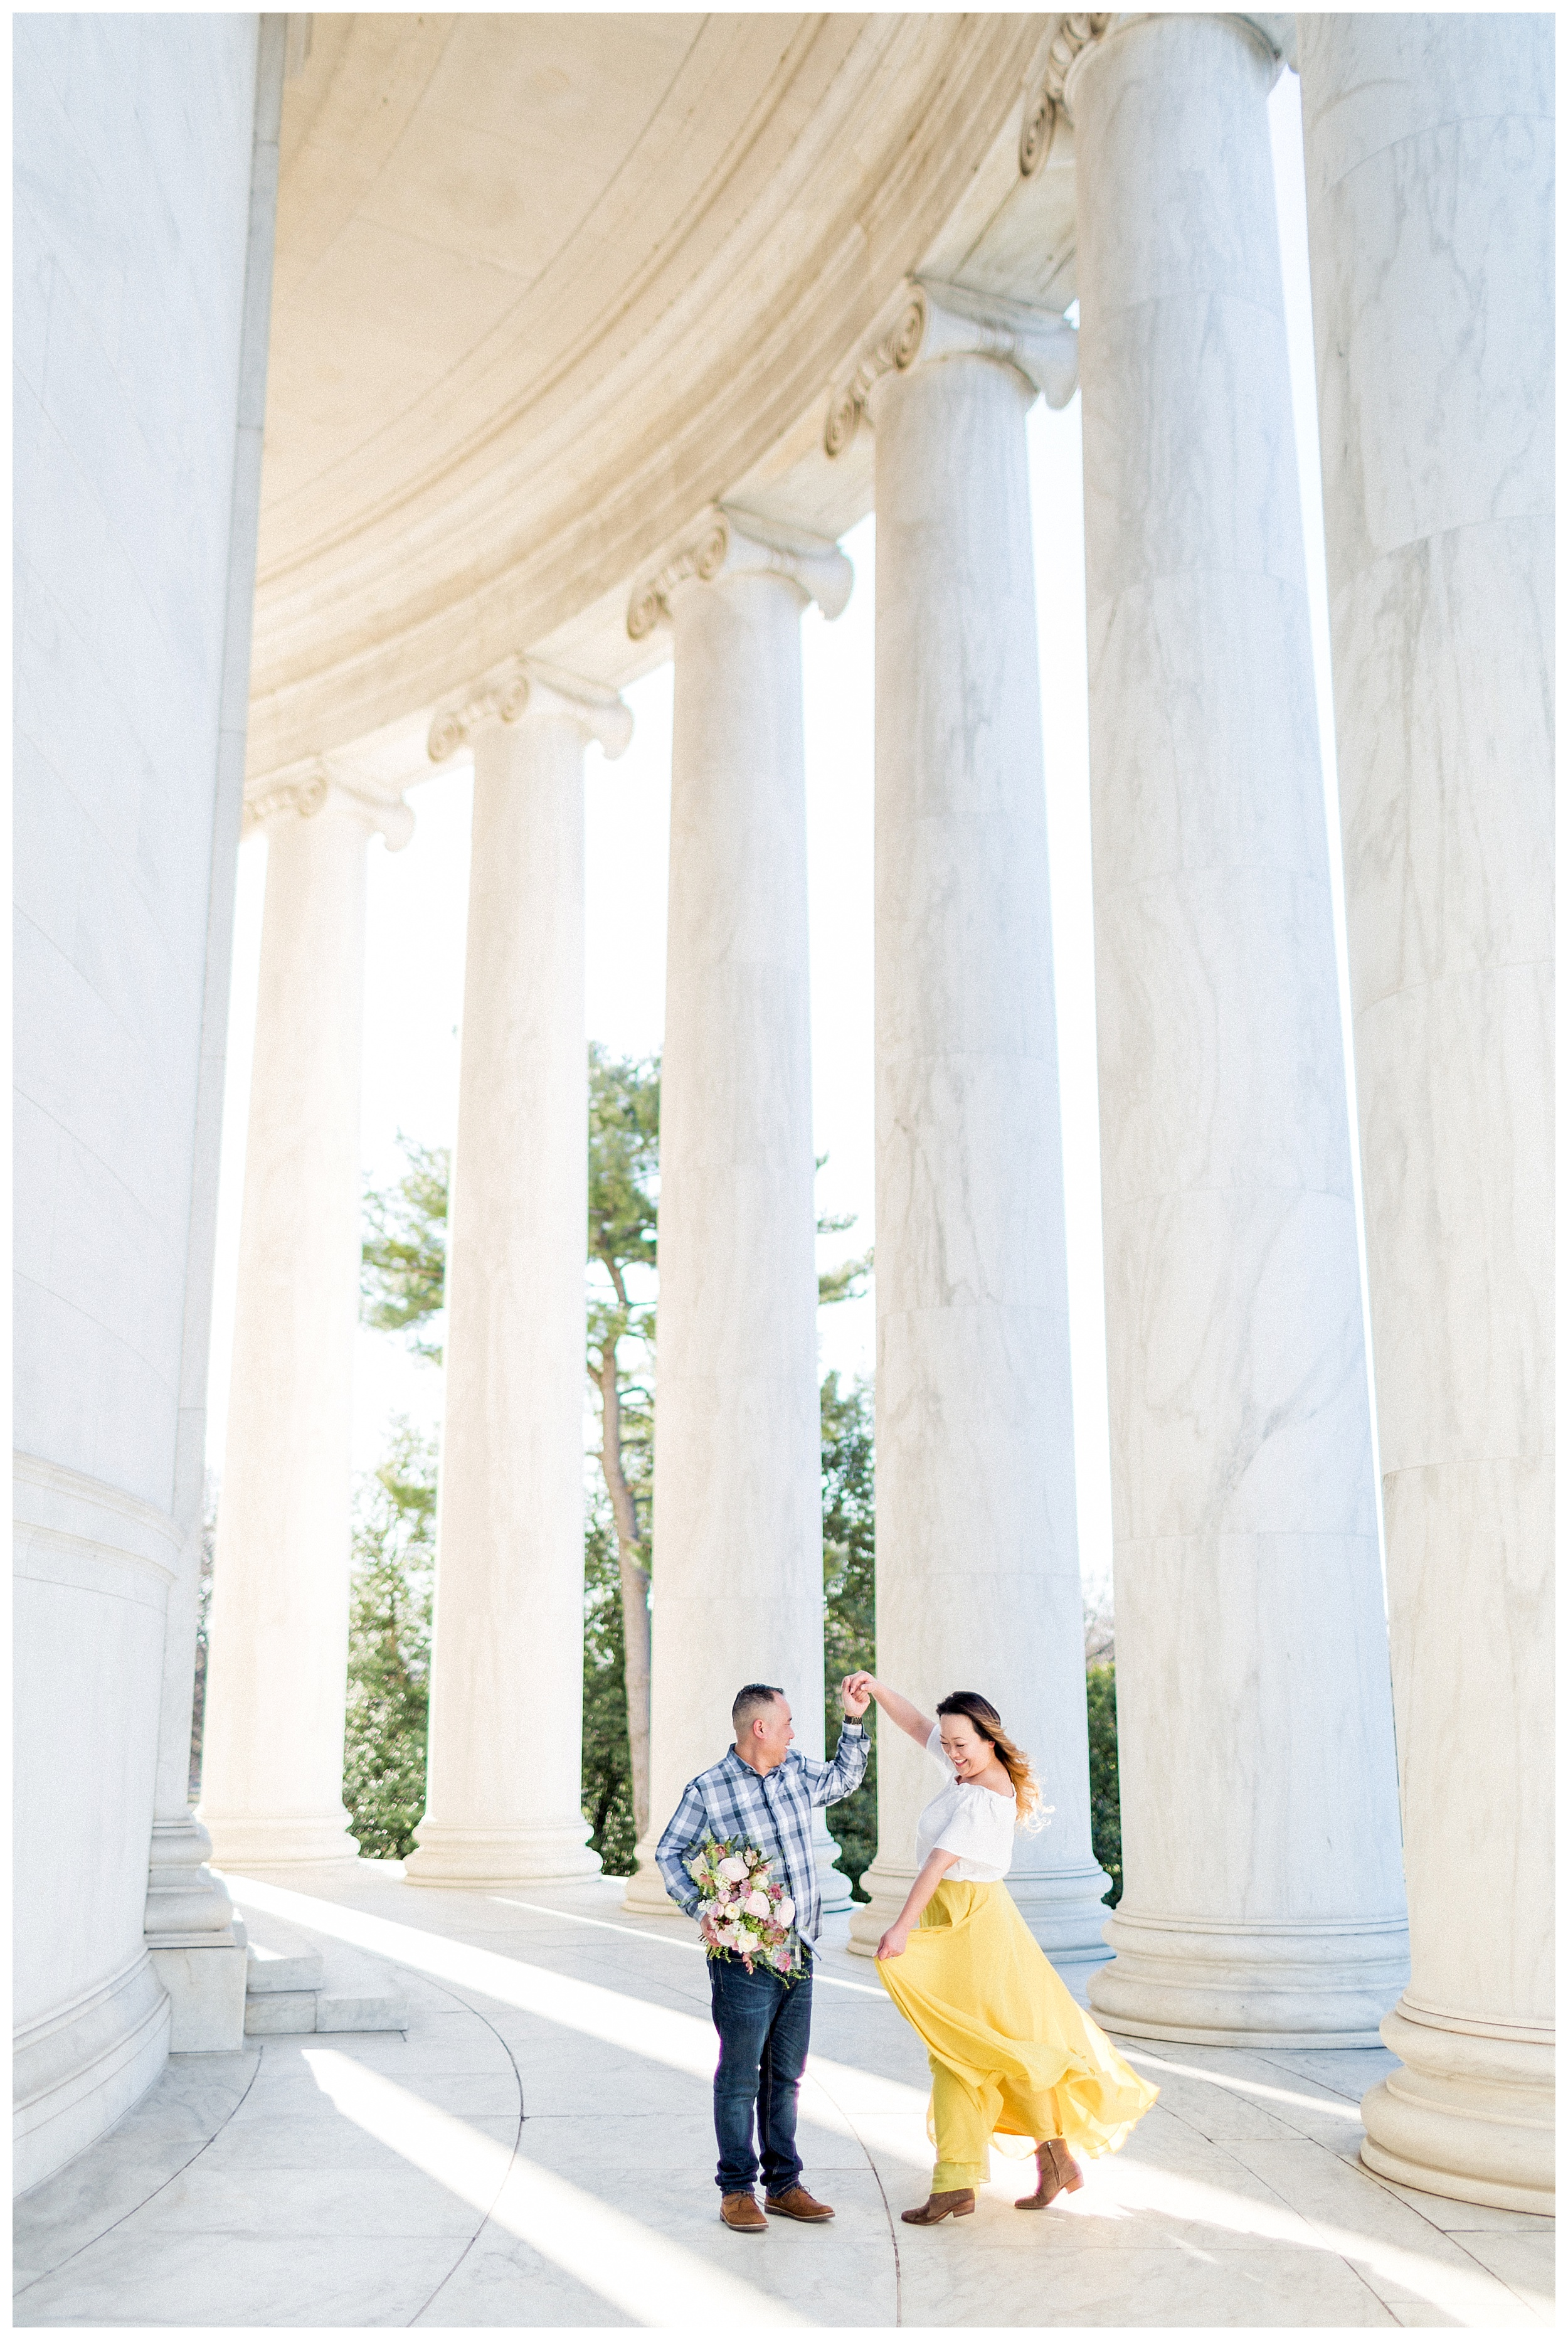 Washington DC Engagement Photos | Thomas Jefferson Engagement Session_0025.jpg